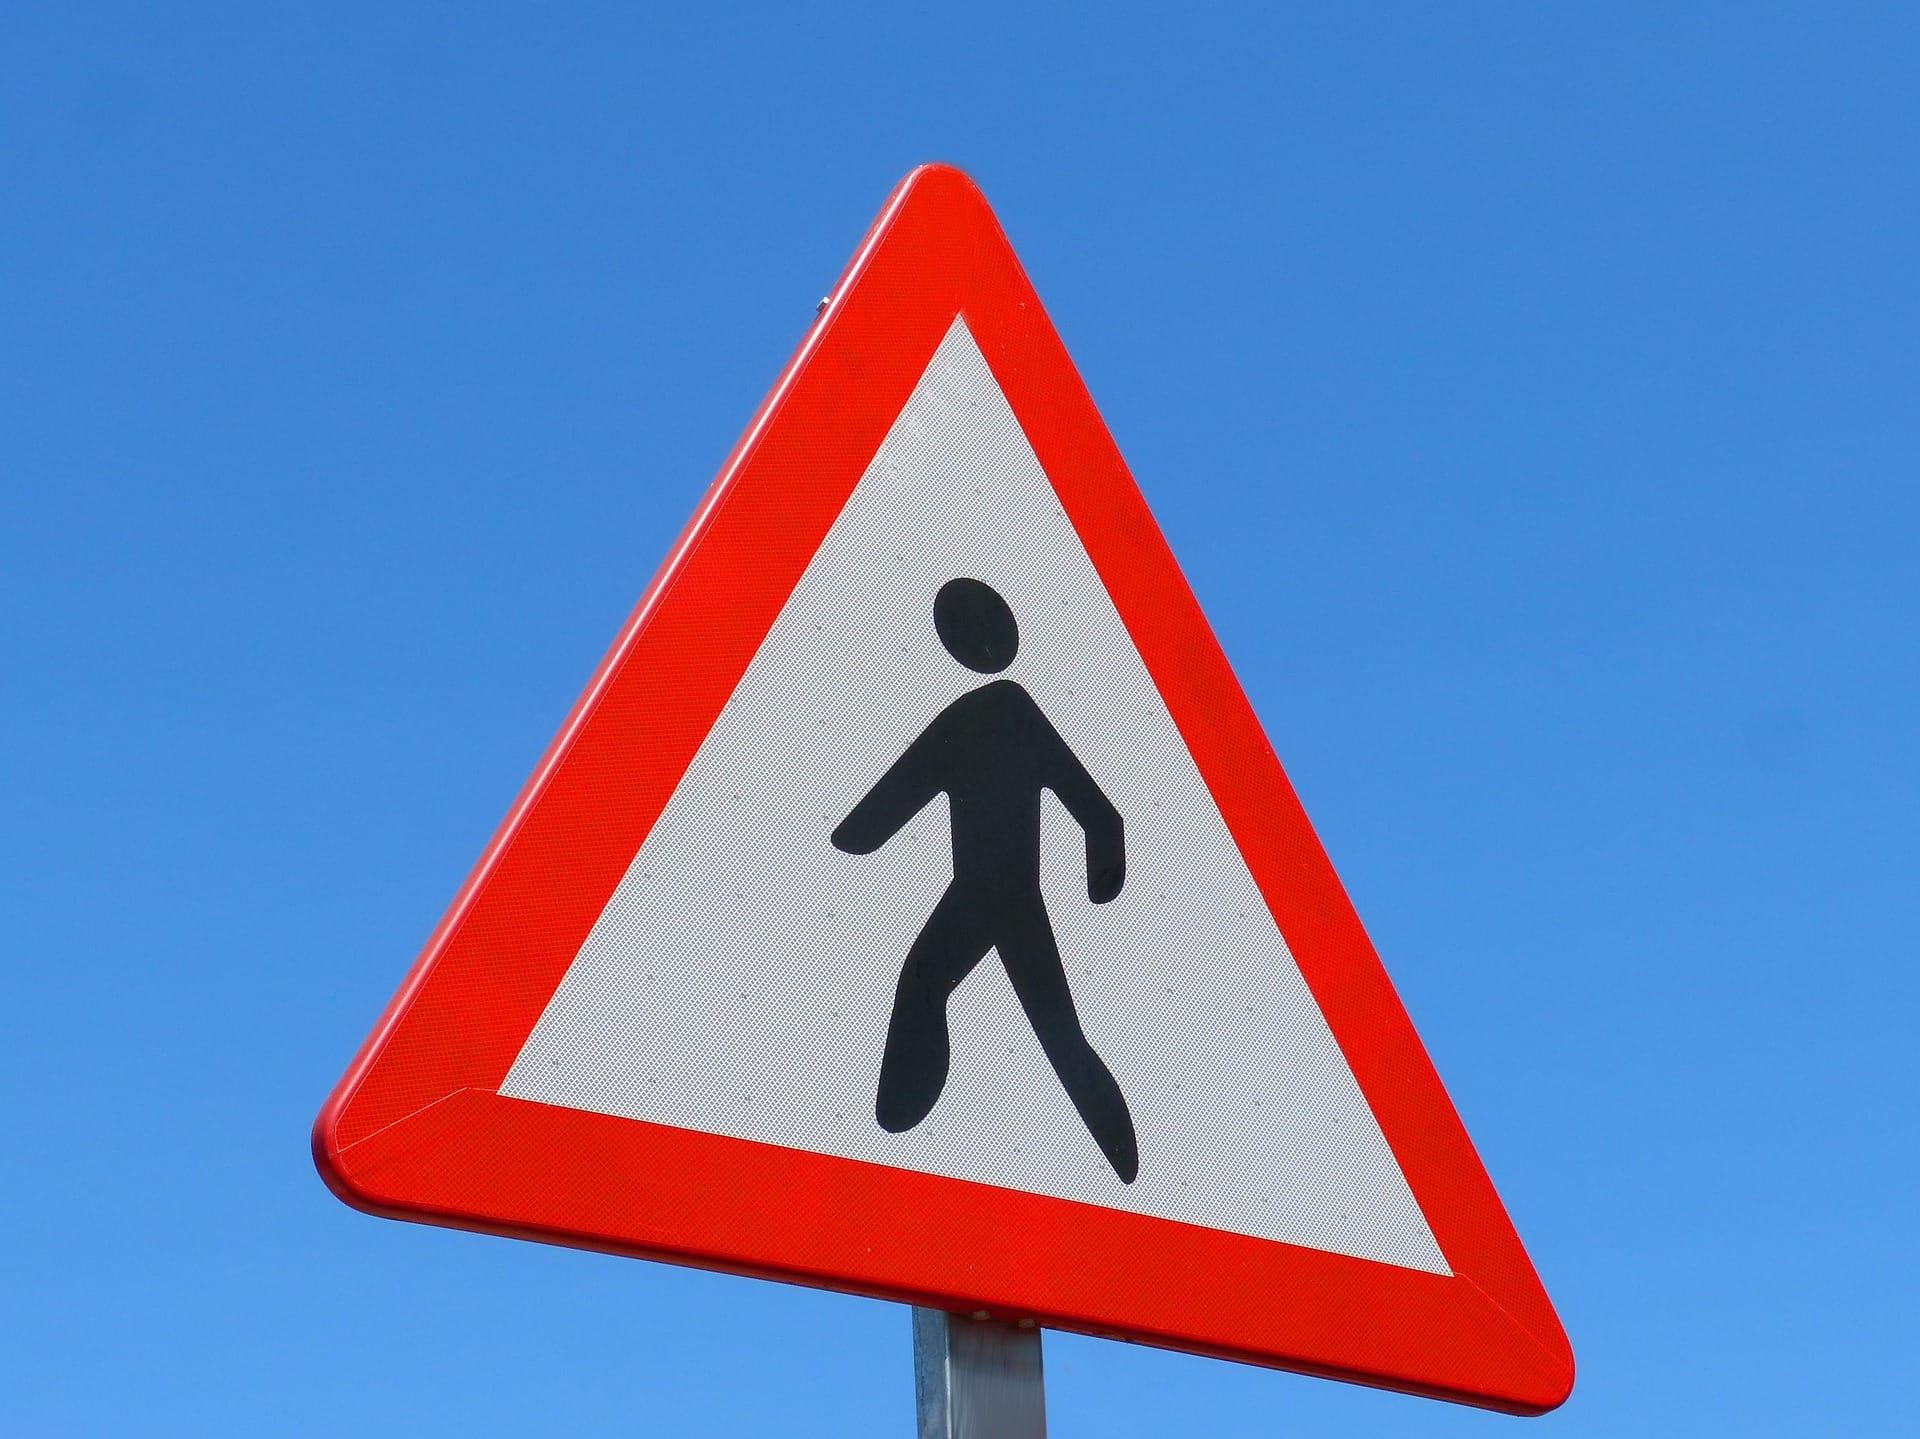 traffic-signal-1394246_1920.jpg